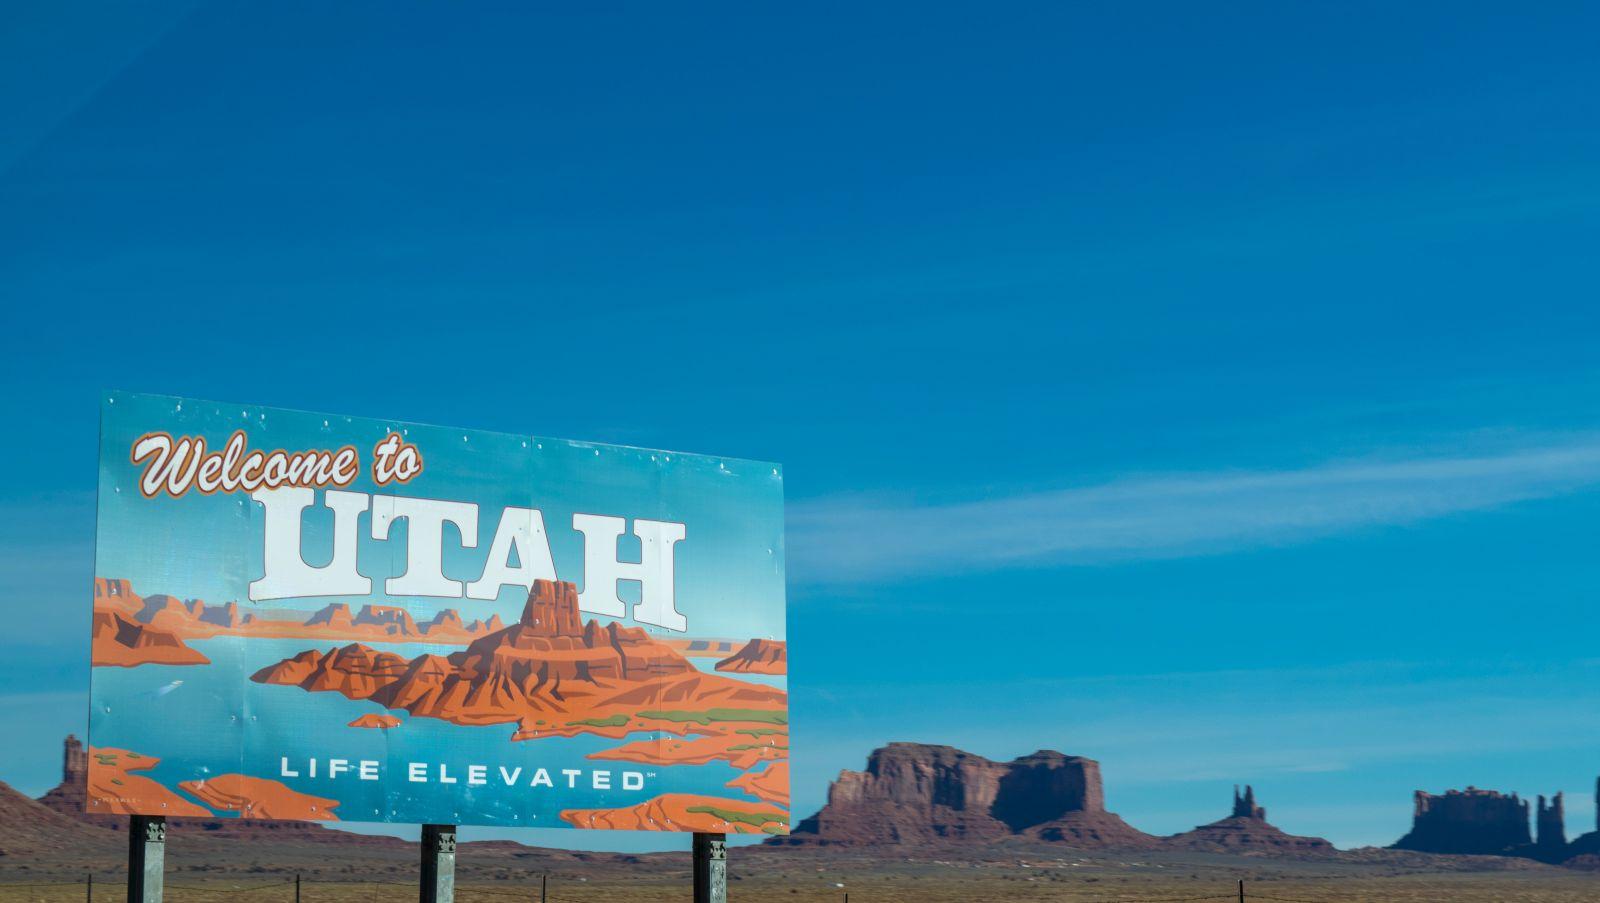 Utah Sign banner image